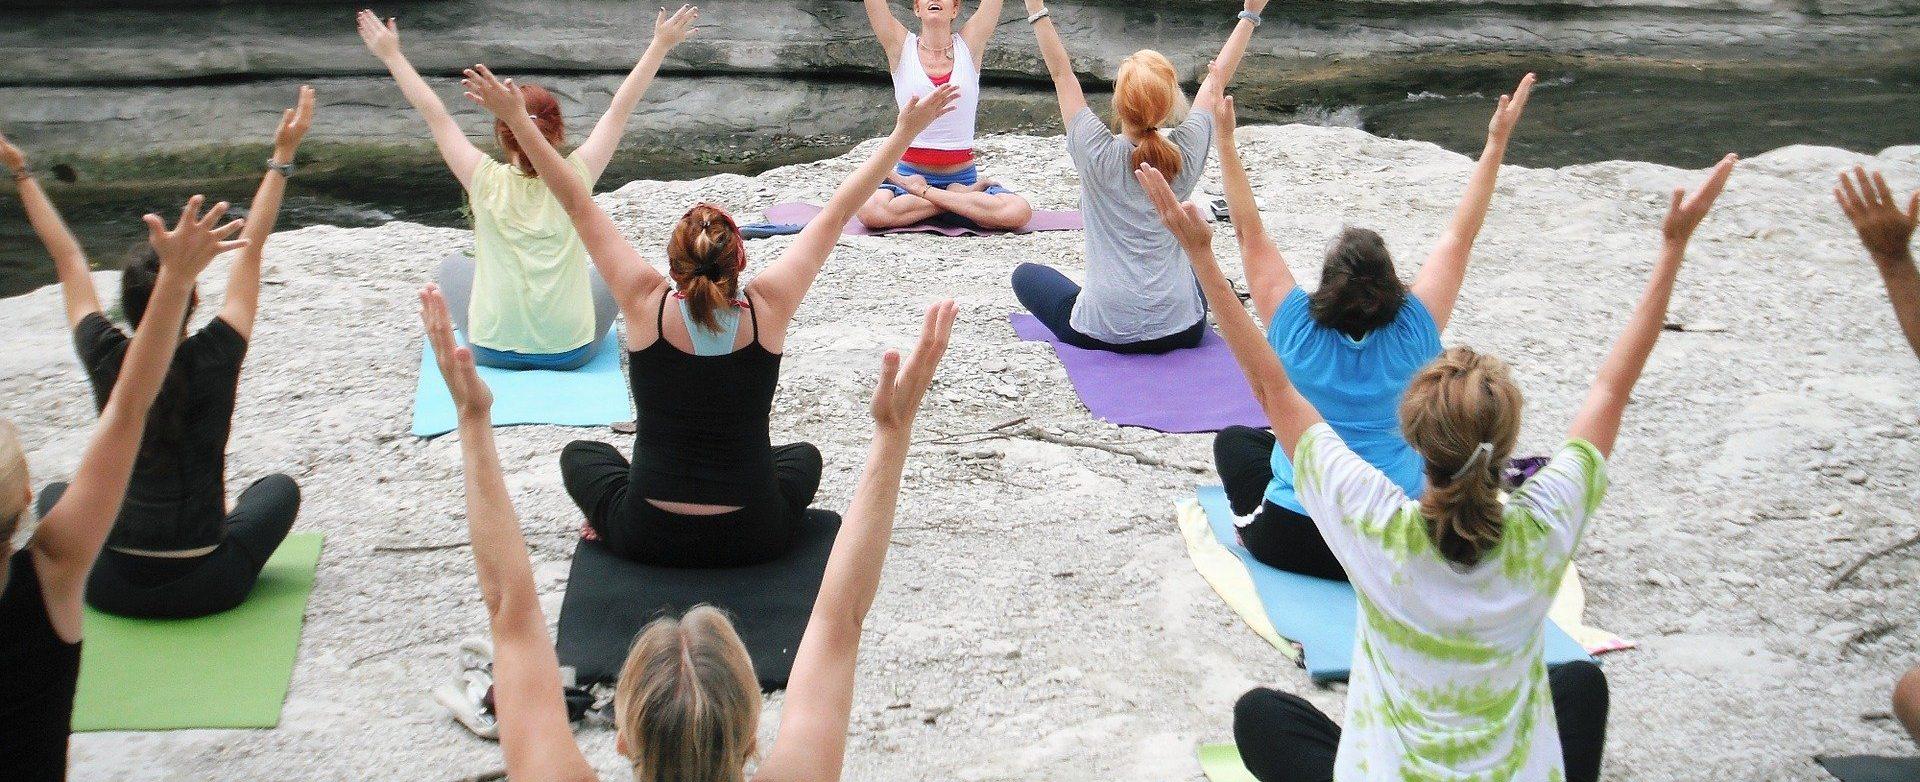 Pranayama Exercices La Respiration Alternee Et La Respiration De L Ocean Yoga Equilibre Serenite Blog